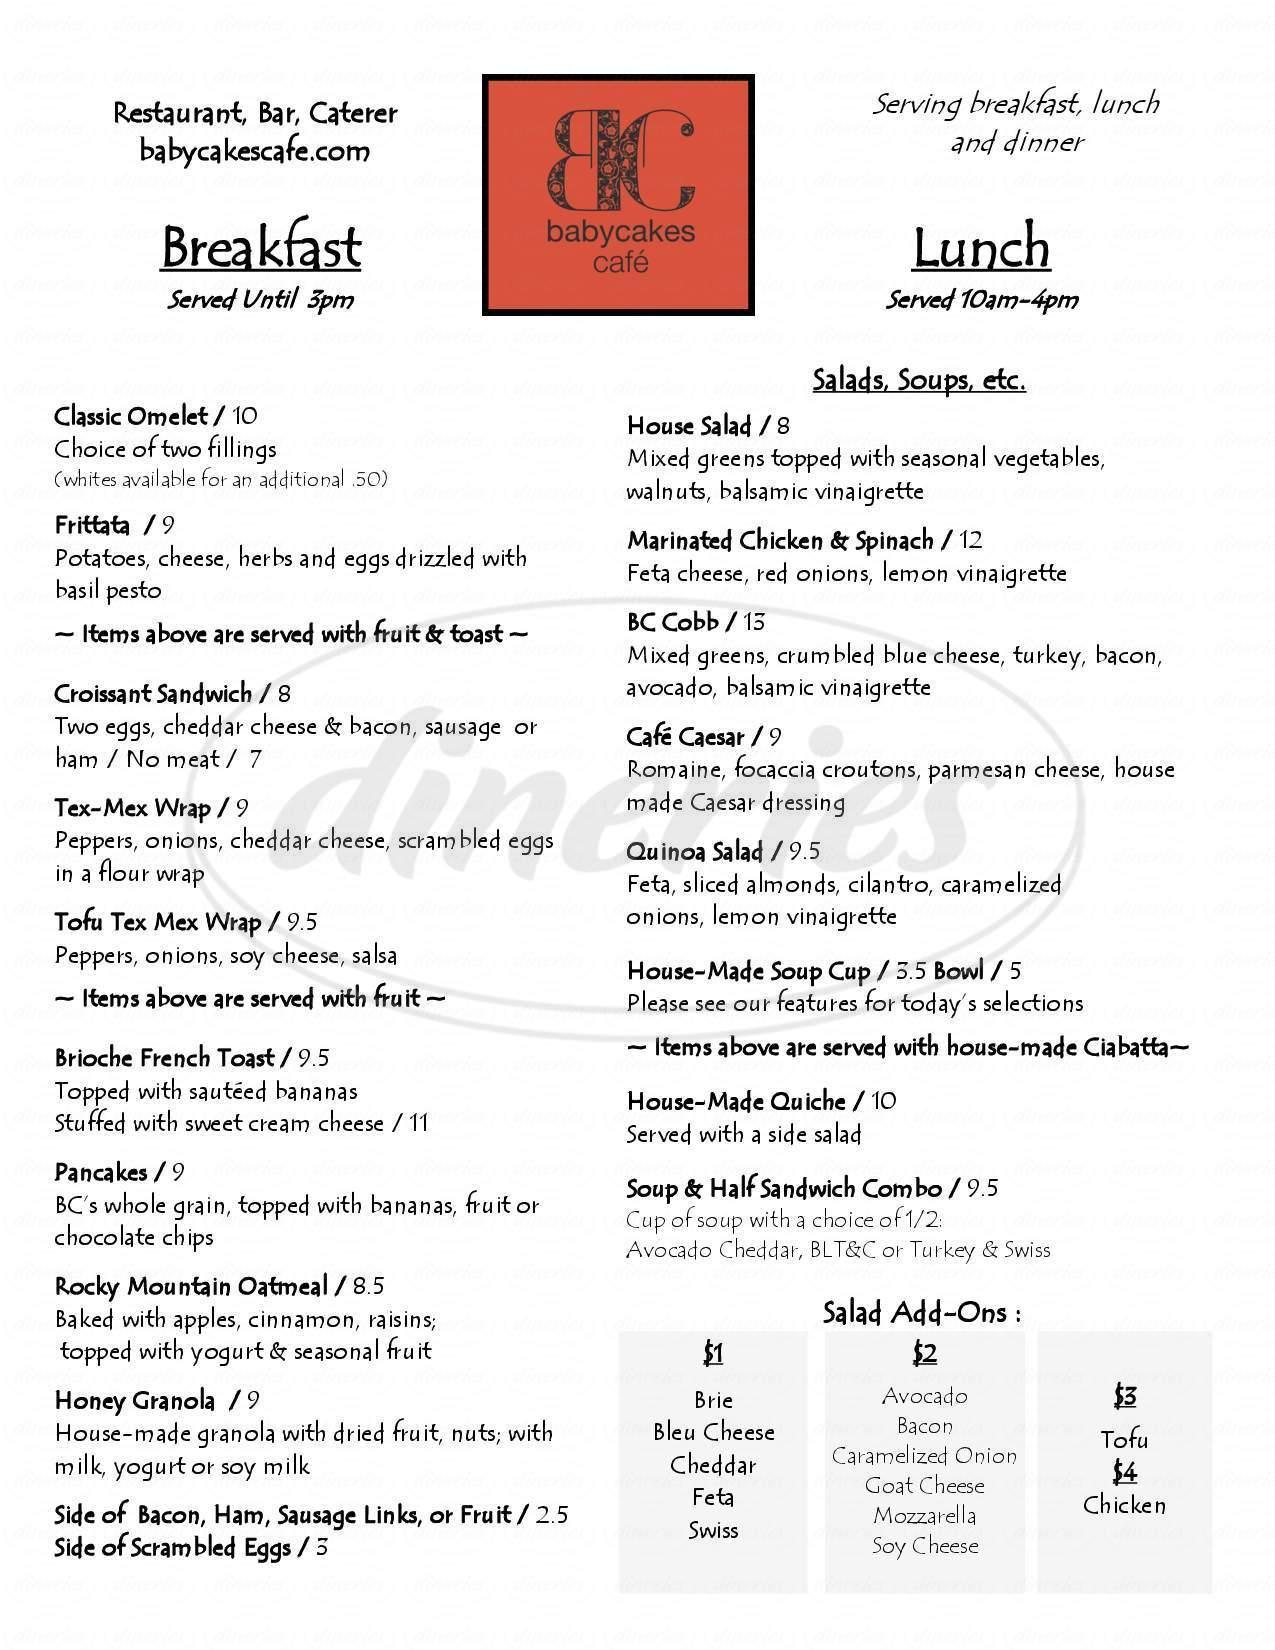 menu for Babycakes Cafe